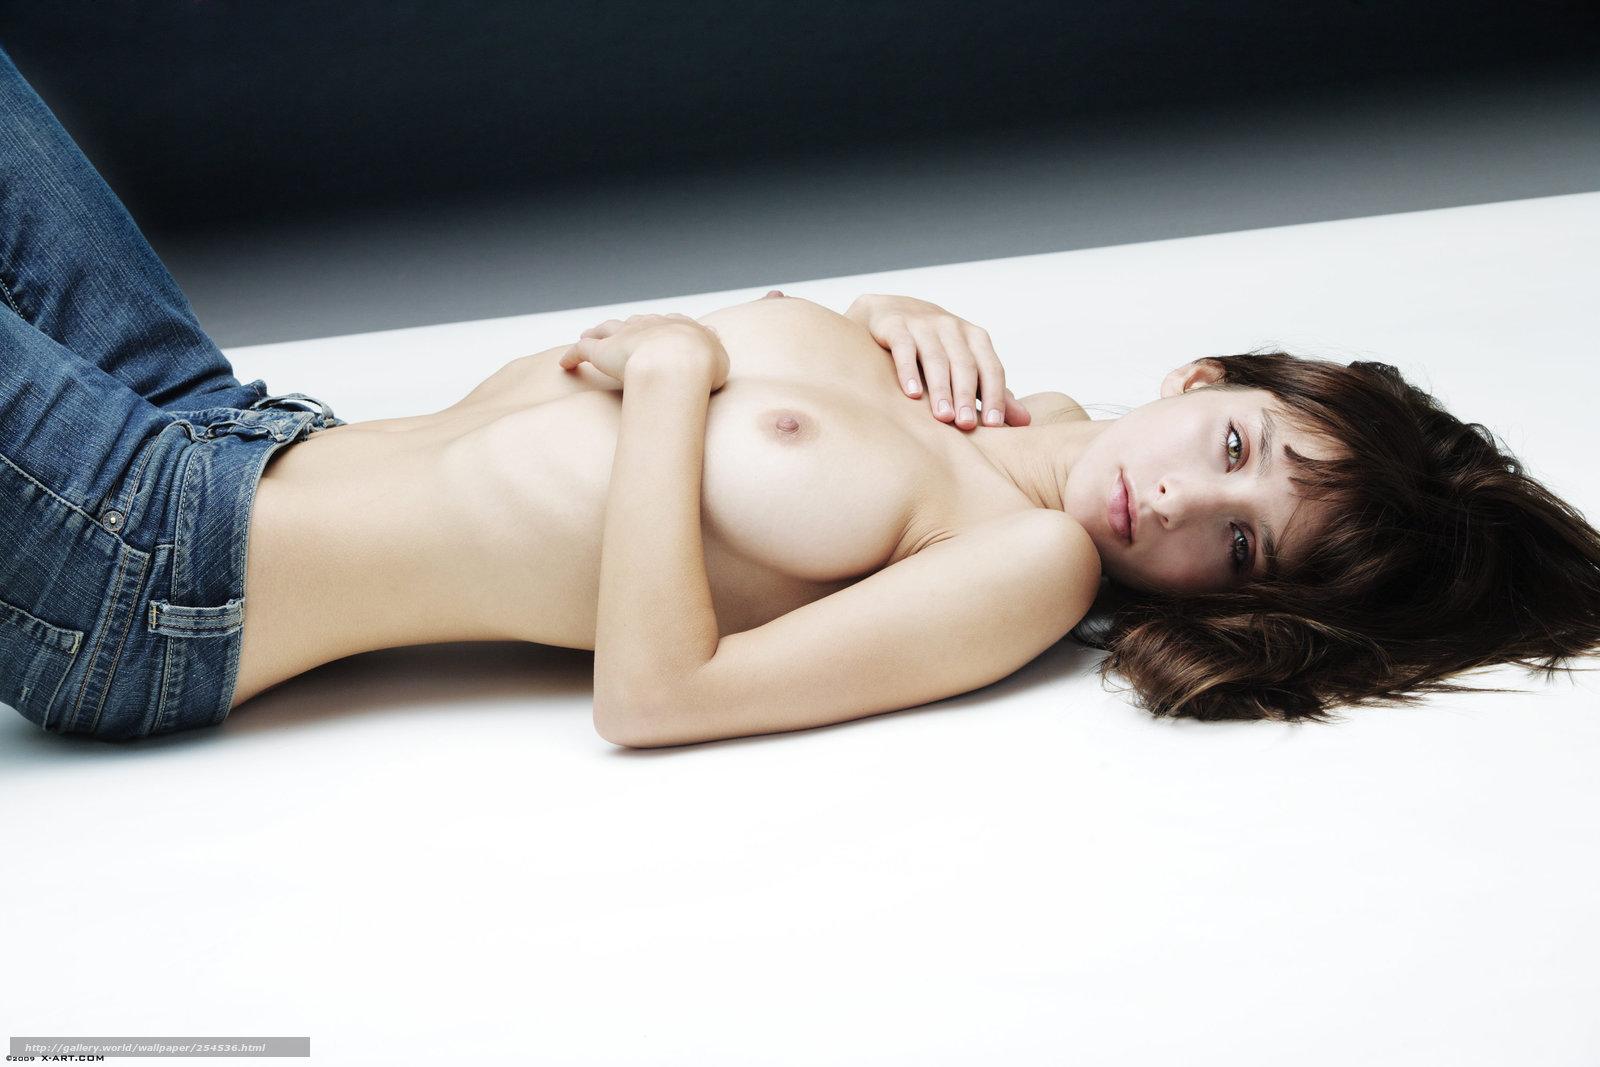 Фото еротических телепузиков 14 фотография